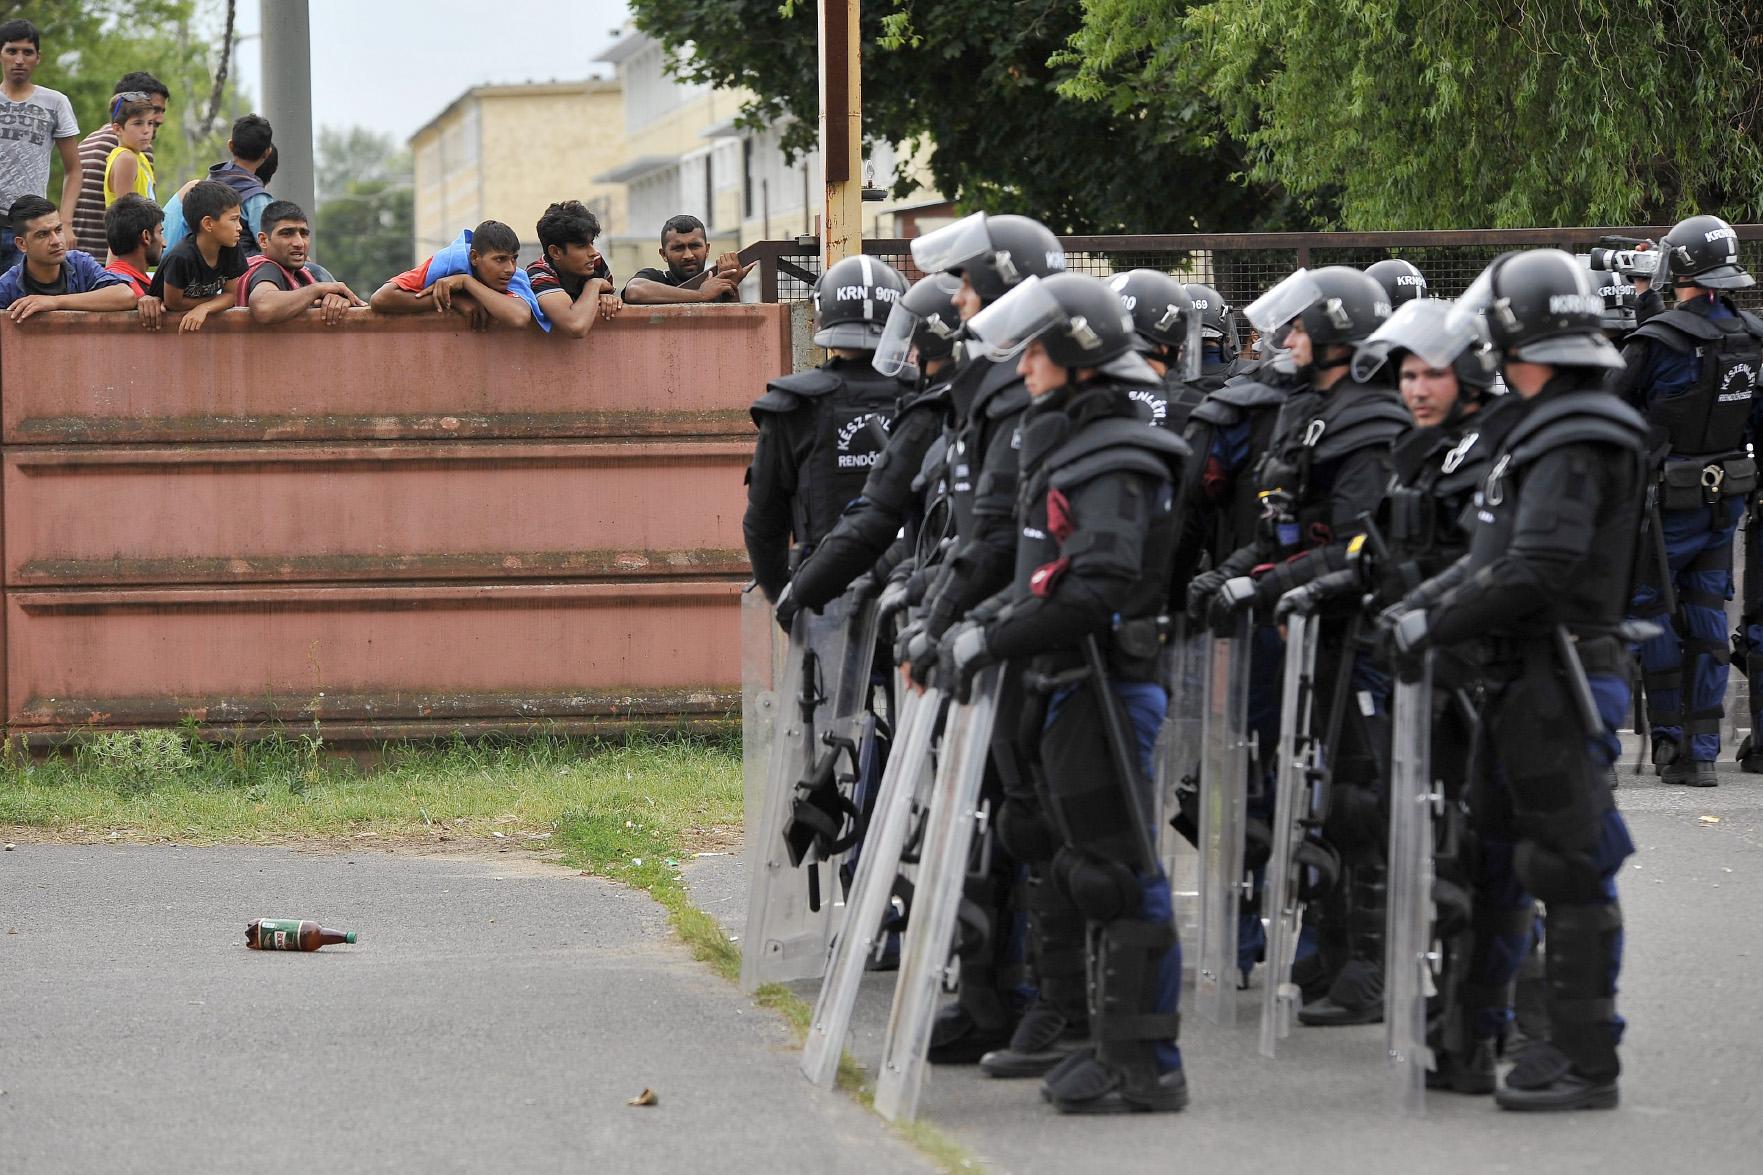 Rendőrök és menekültek, Debrecen, 2015. június 29.